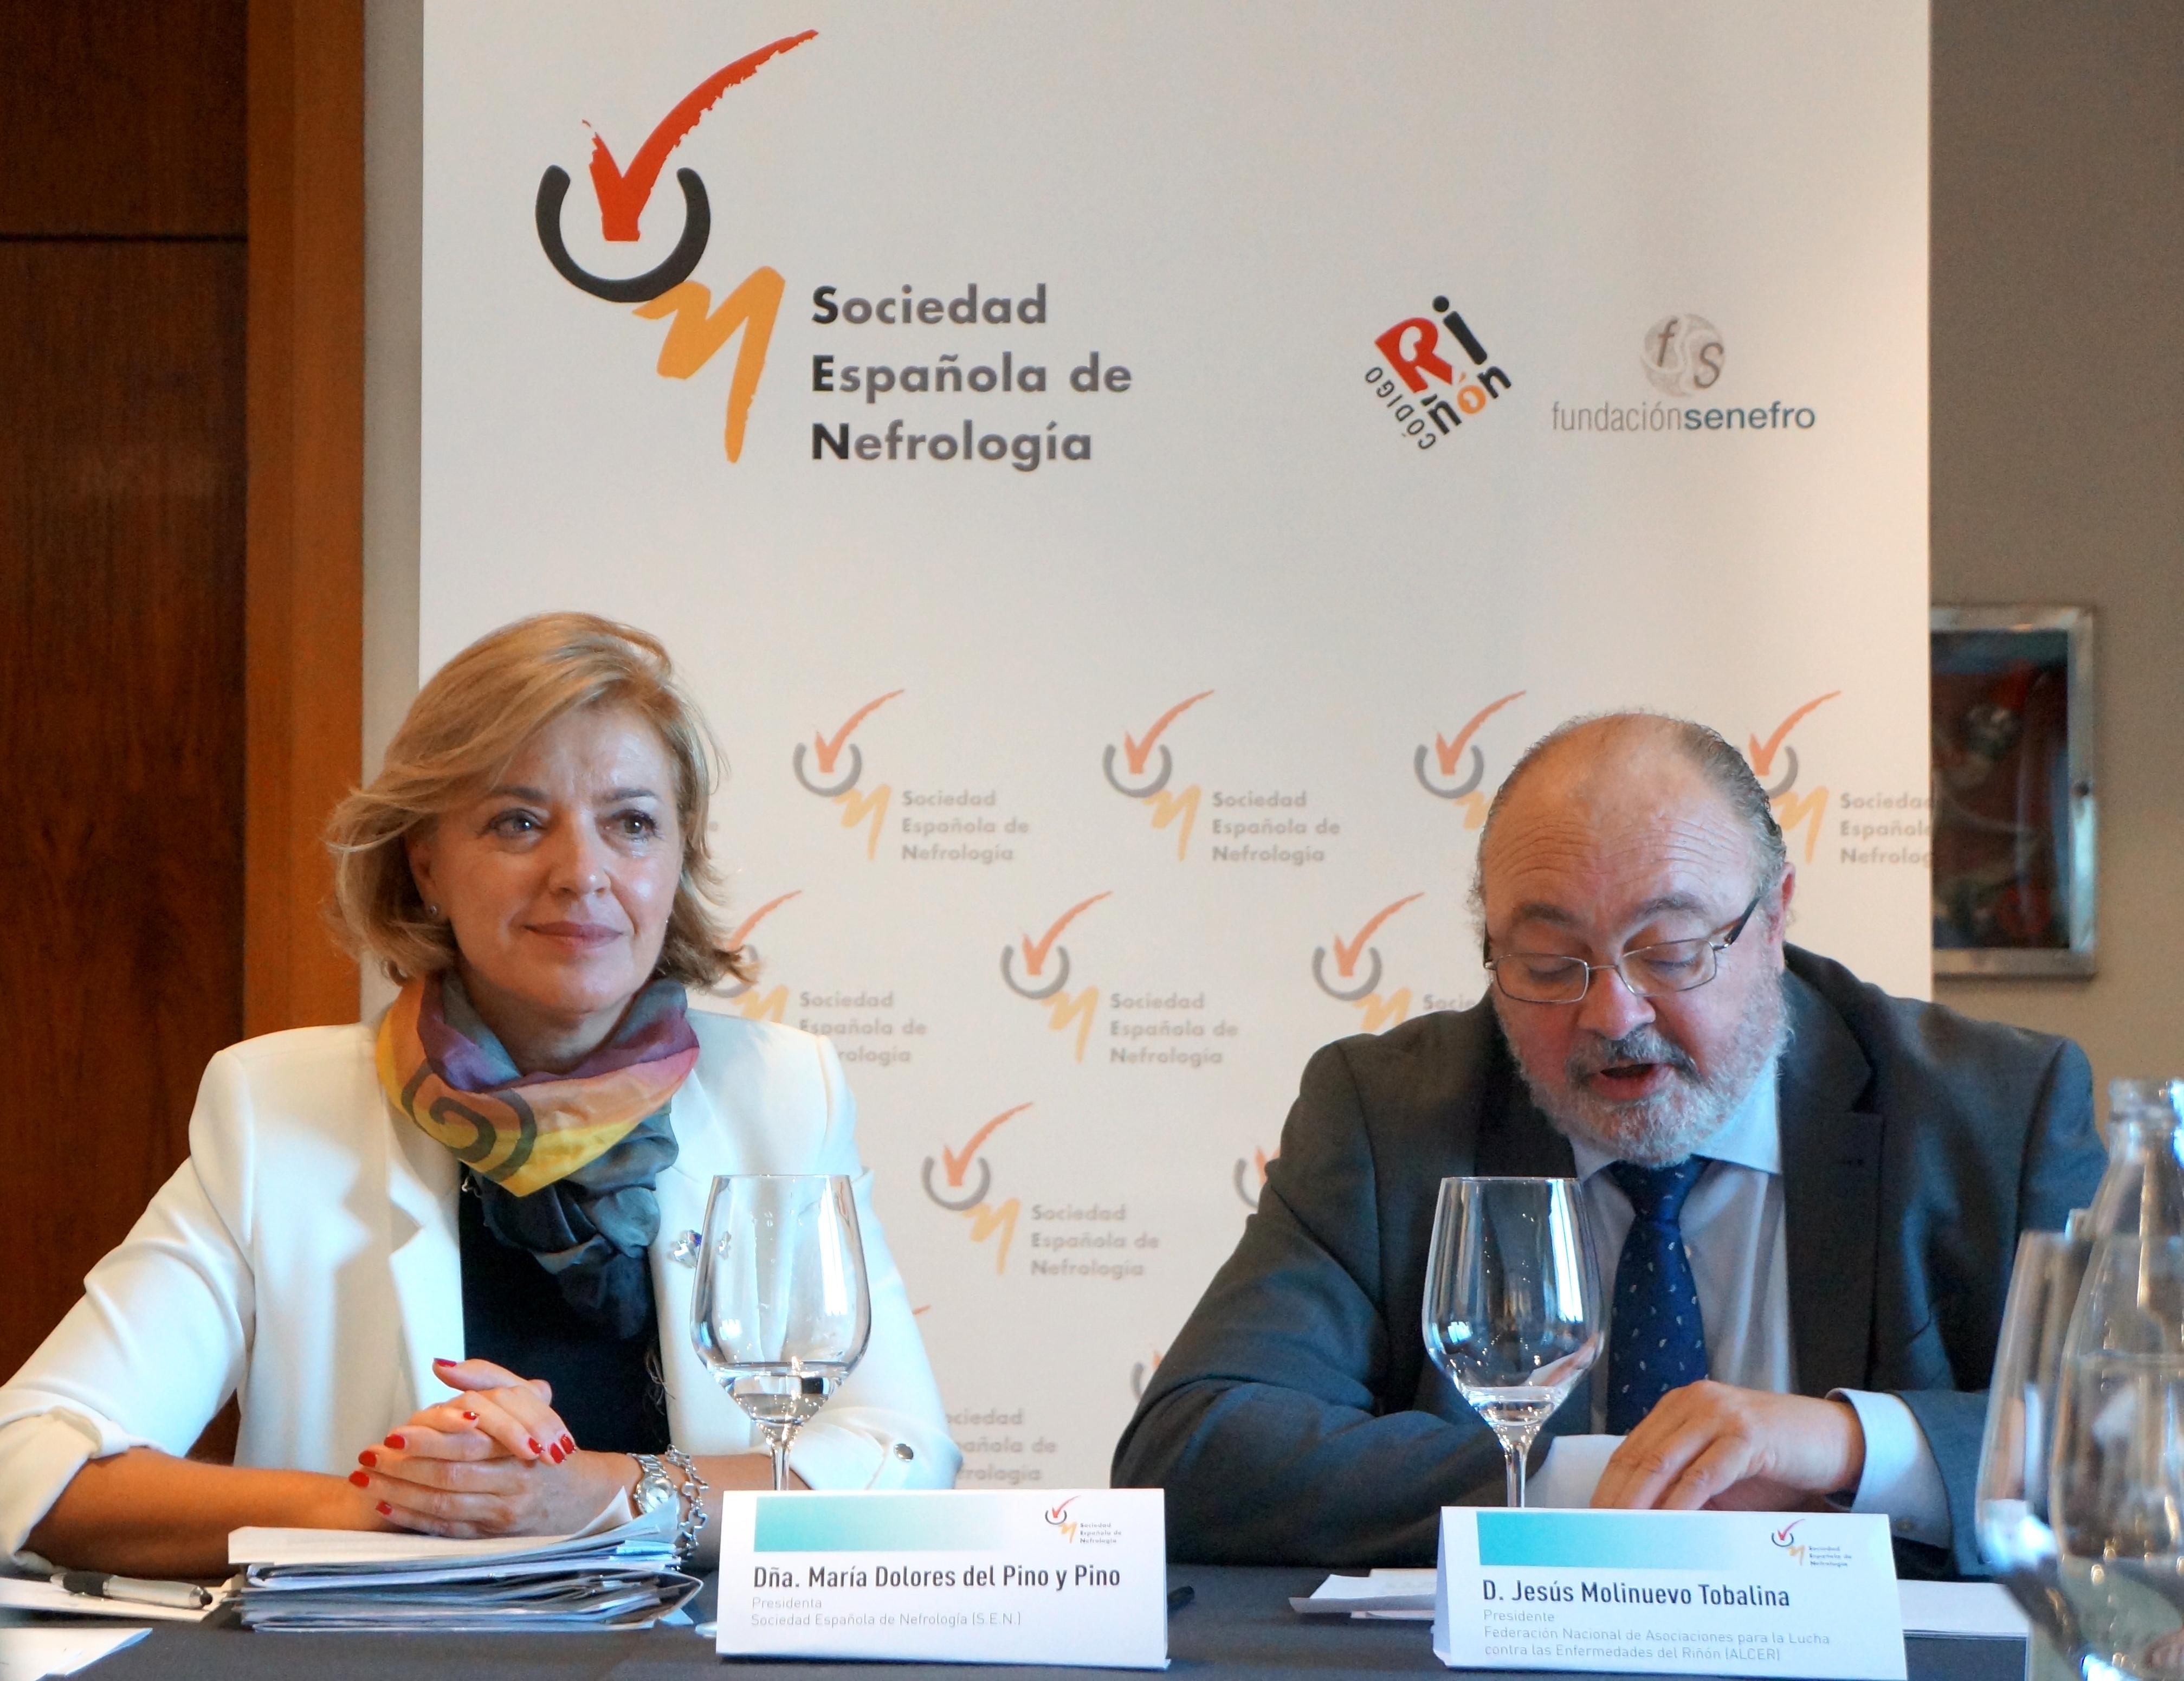 ANDALUCÍA: UN ESTUDIO ELEVA LA PREVALENCIA DE LA ENFERMEDAD RENAL CRÓNICA EN ESPAÑA A NIVELES DE ESTADOS UNIDOS